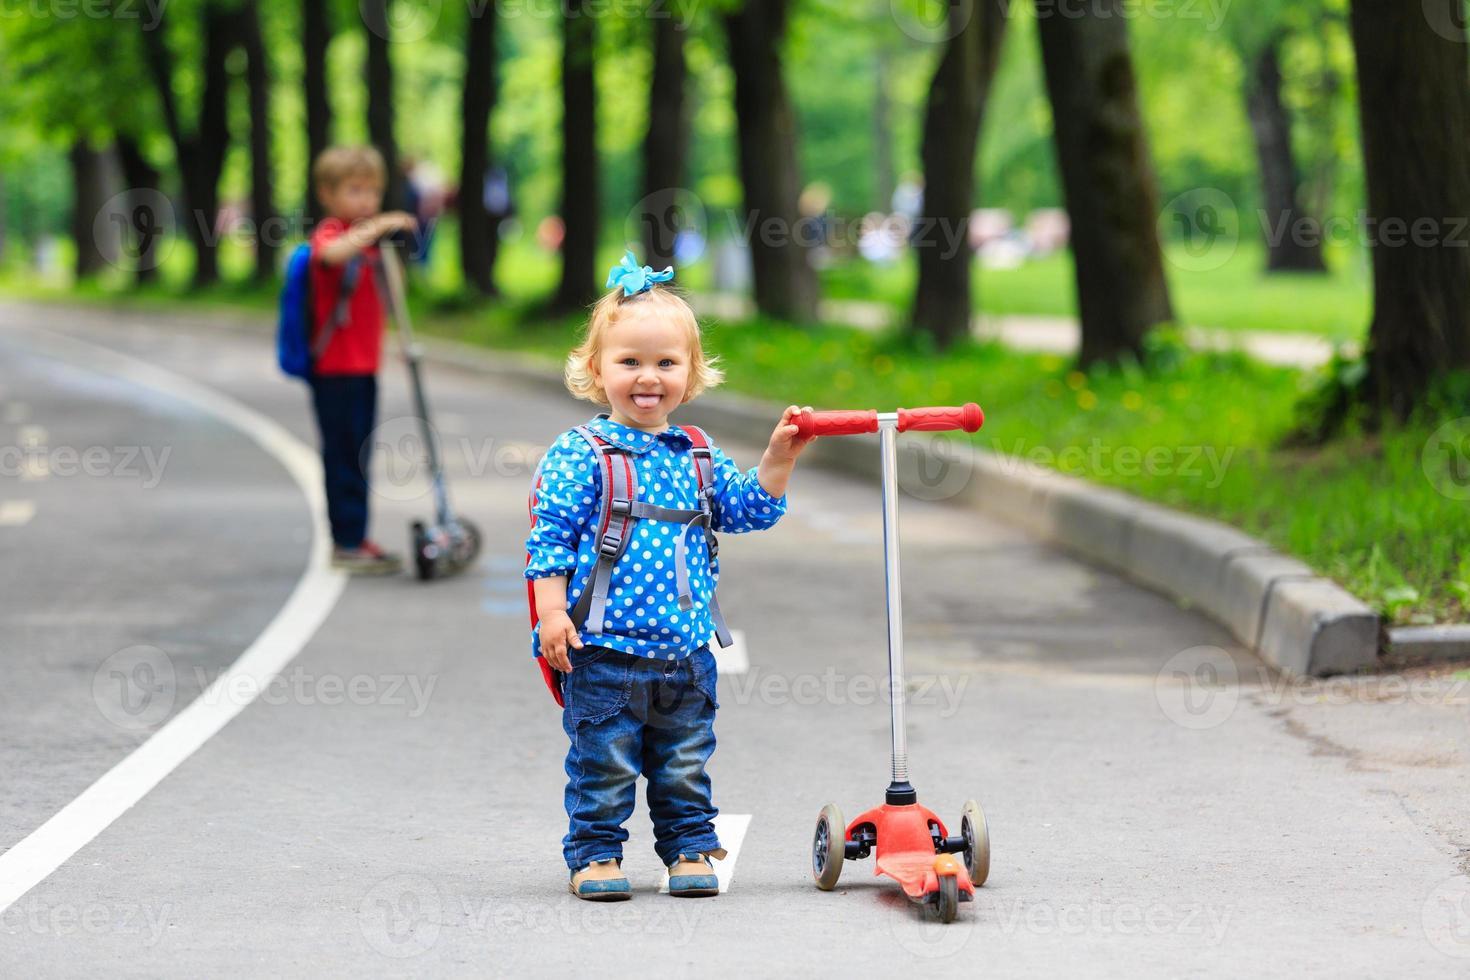 deux enfants, garçon fille, équitation, scooters, dans ville photo